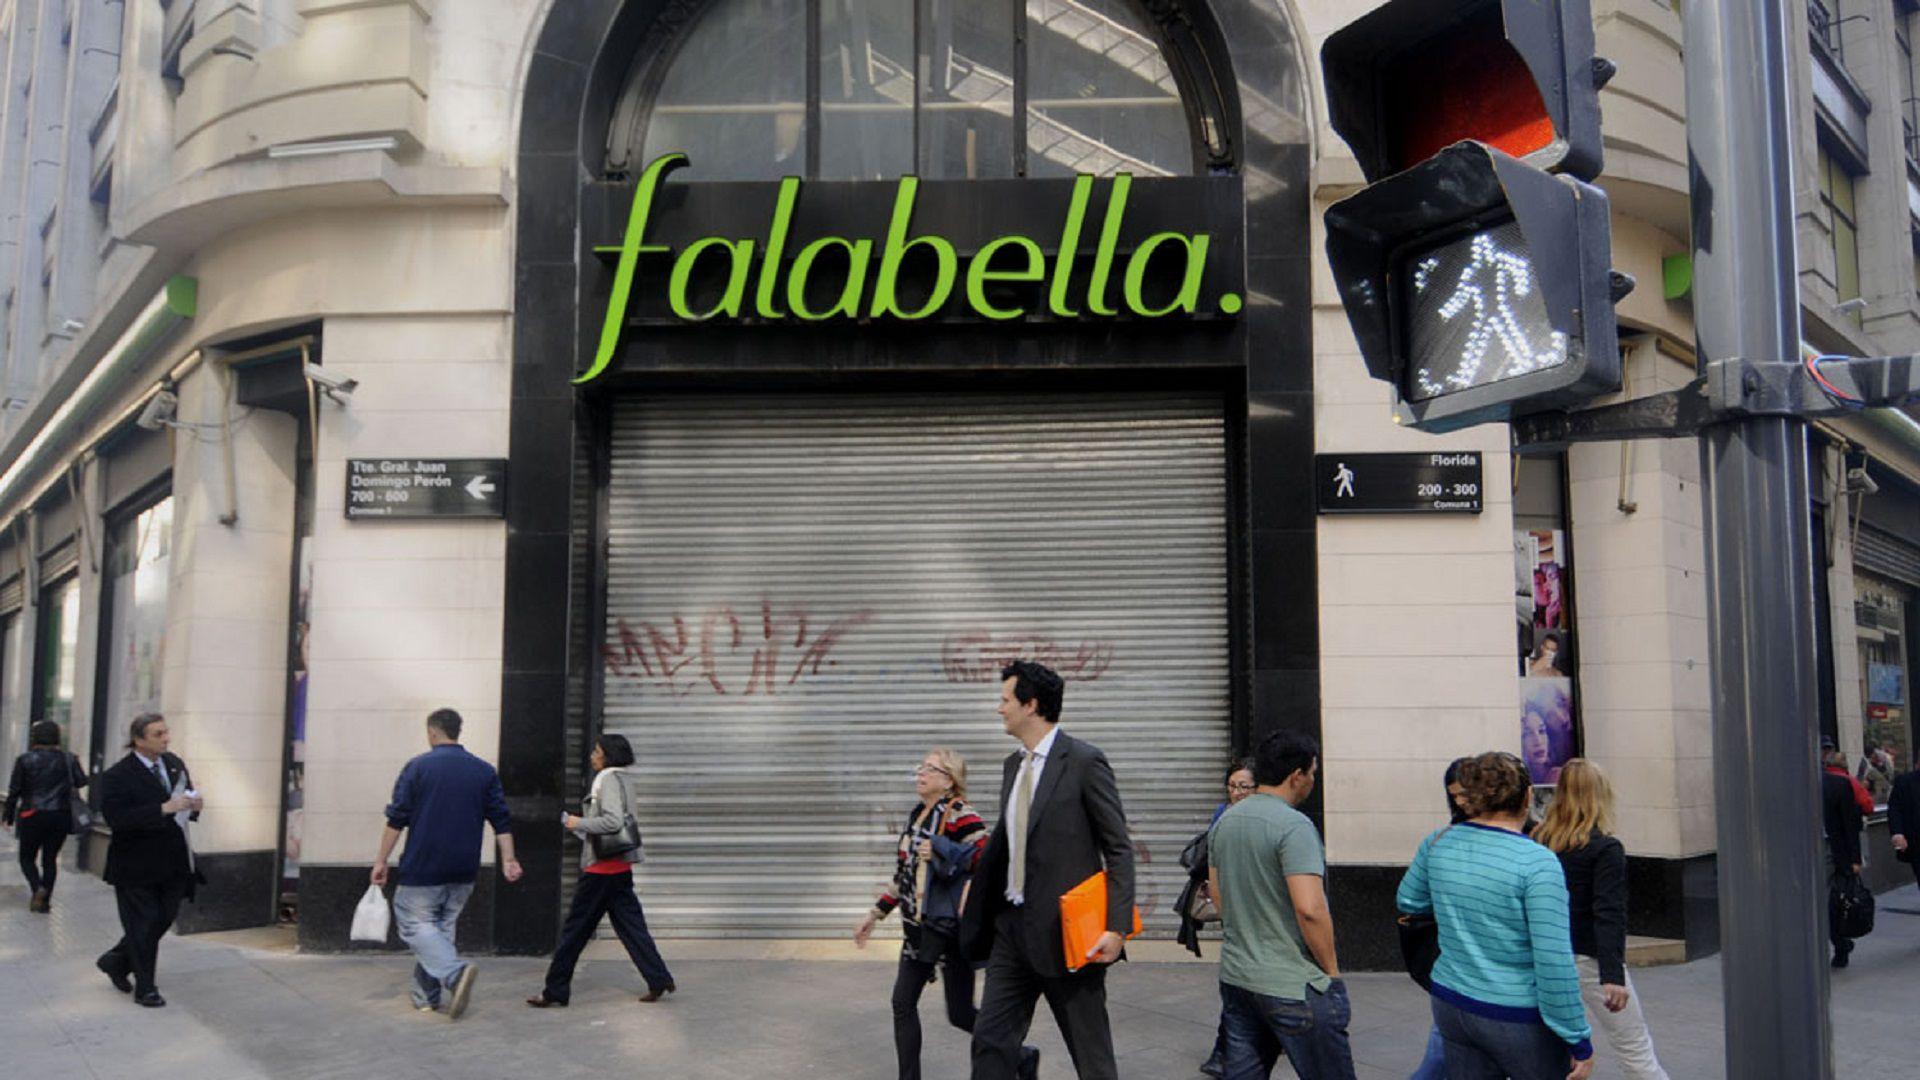 Dia empleado comercio cerrado falabella 1170-ok-